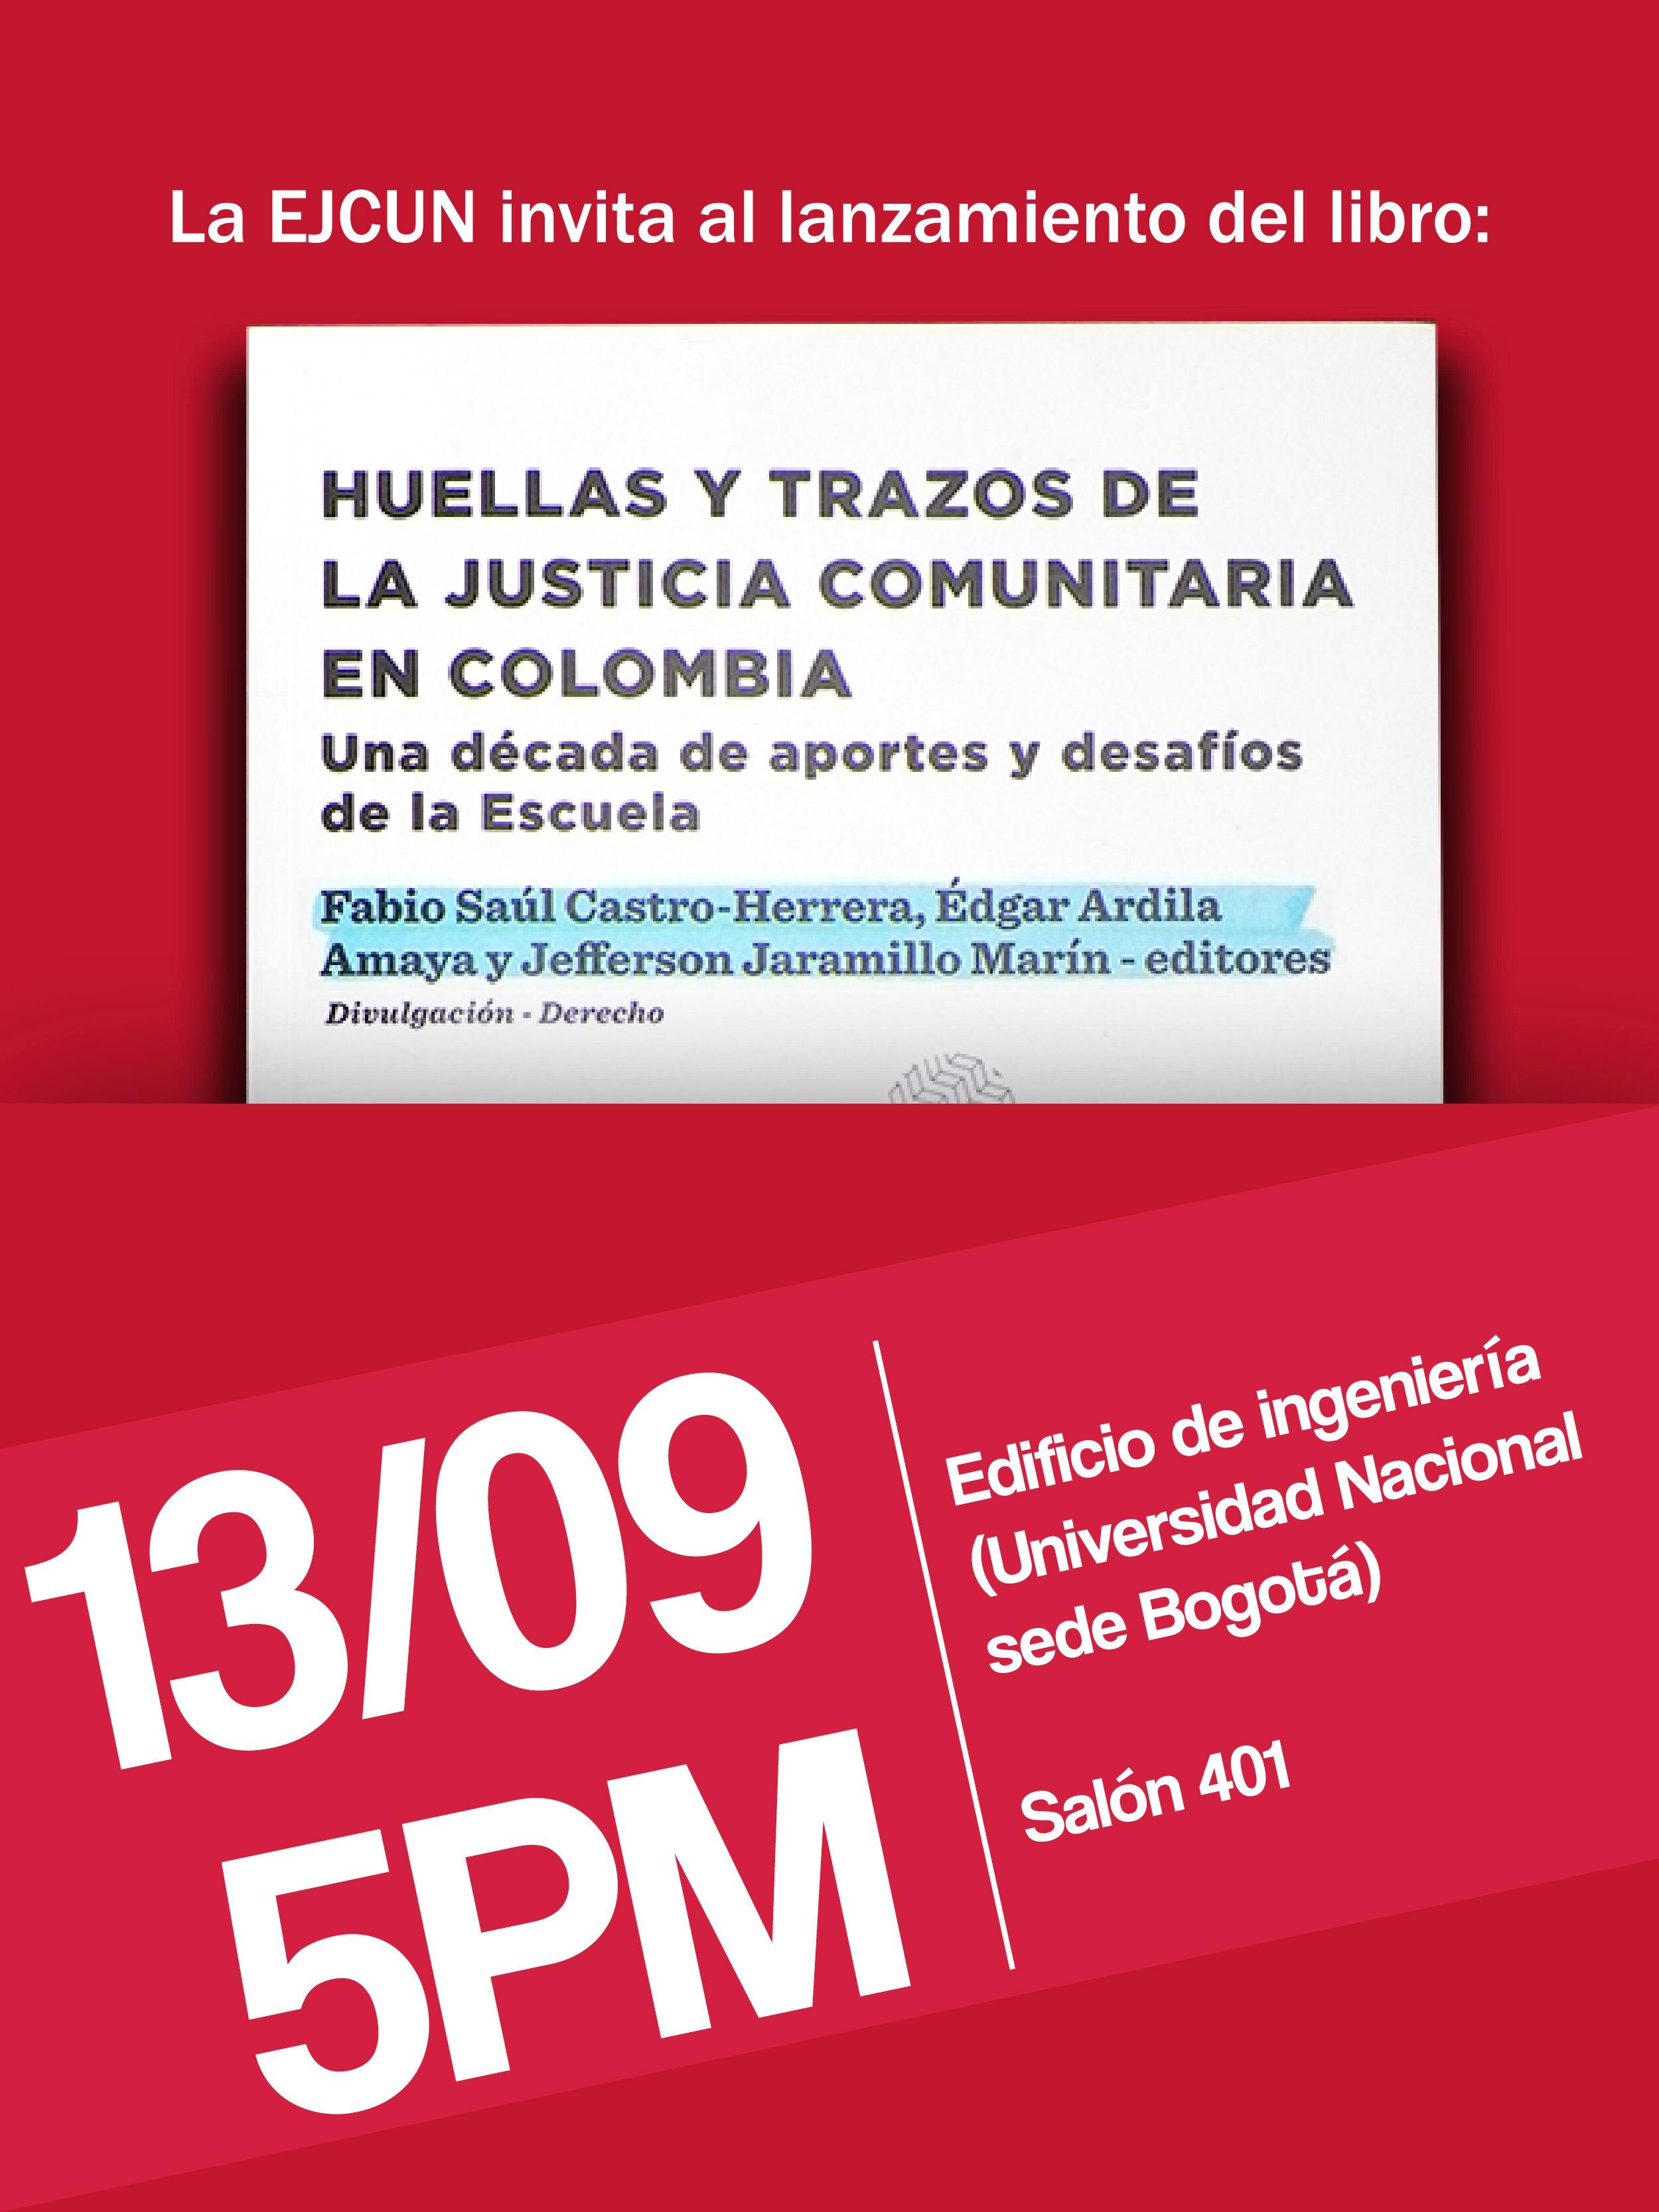 Lanzamiento de 'Huellas y trazos de la justicia comunitaria en Colombia: una década de aportes y desafíos de la Escuela'